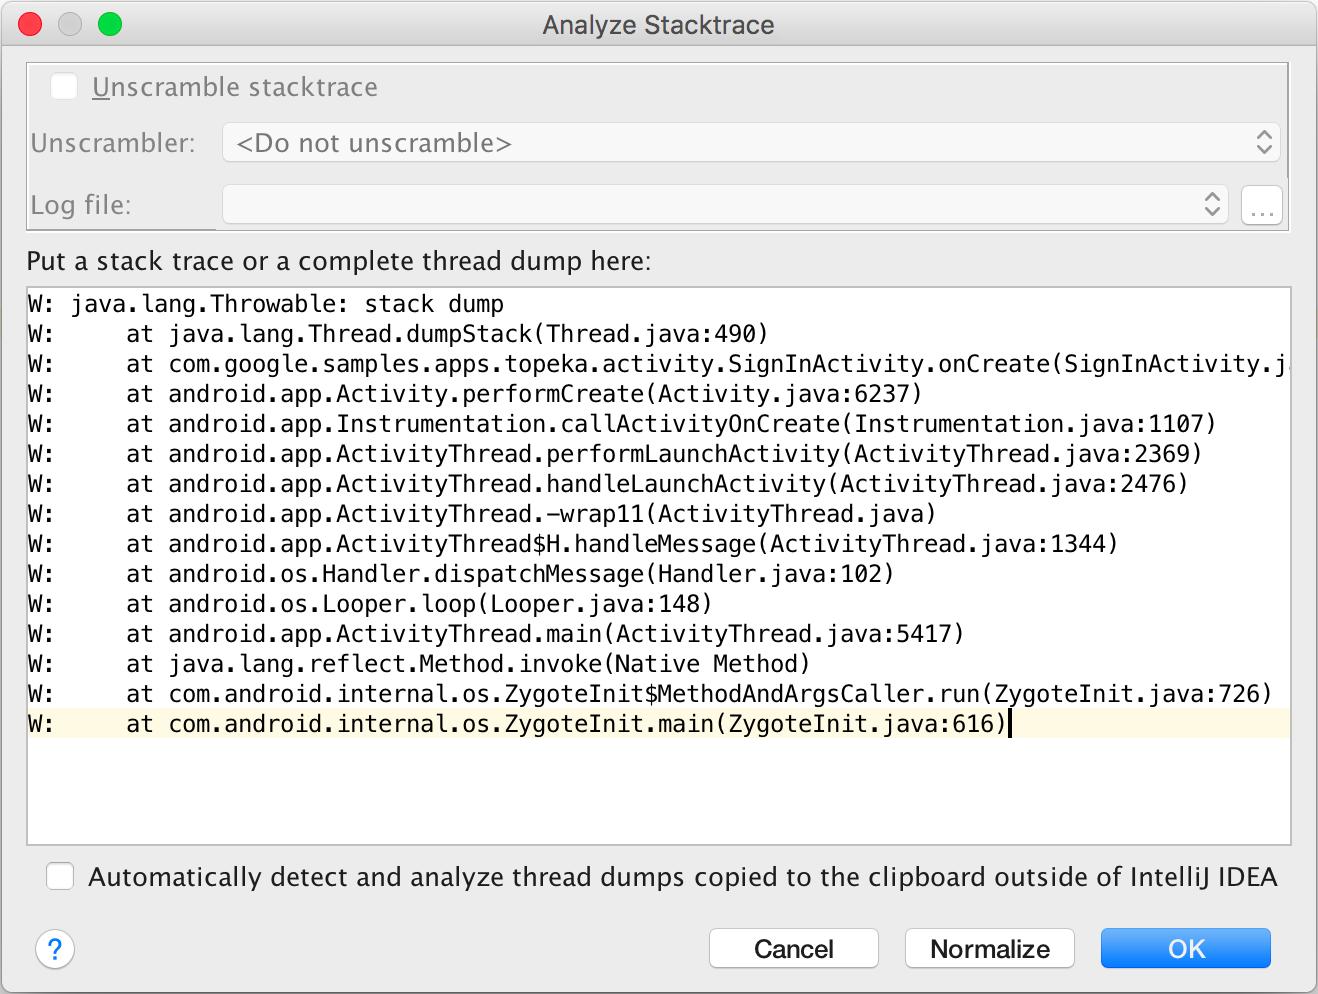 Analyze Stacktrace window